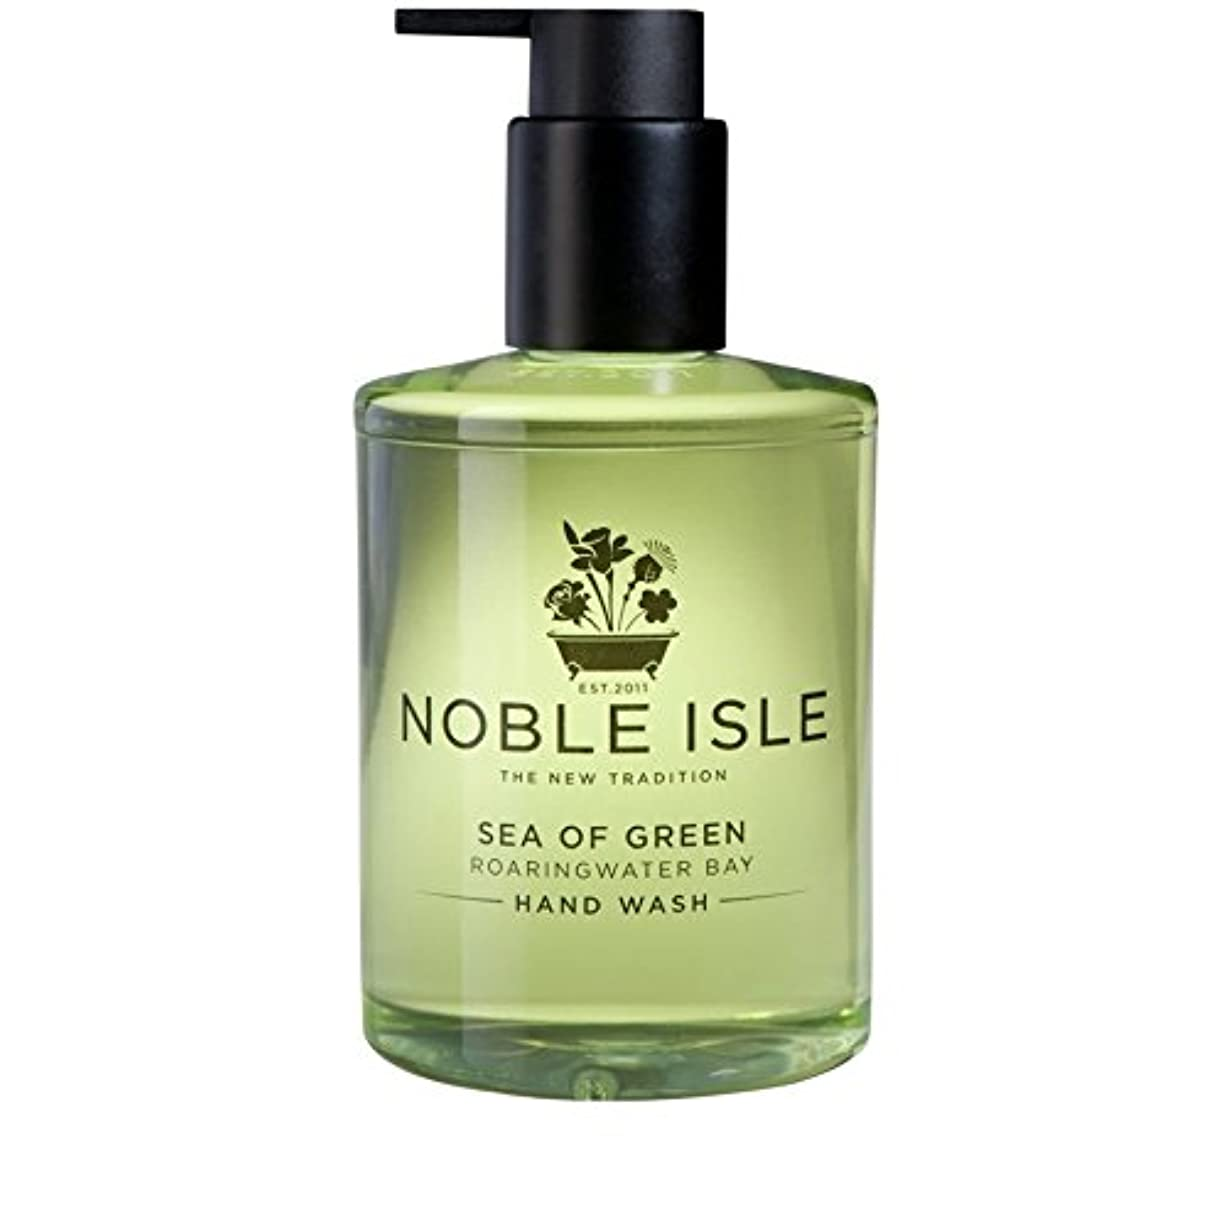 支店リクルート削除する緑ベイハンドウォッシュ250ミリリットルの高貴な島の海 x2 - Noble Isle Sea of Green Roaringwater Bay Hand Wash 250ml (Pack of 2) [並行輸入品]